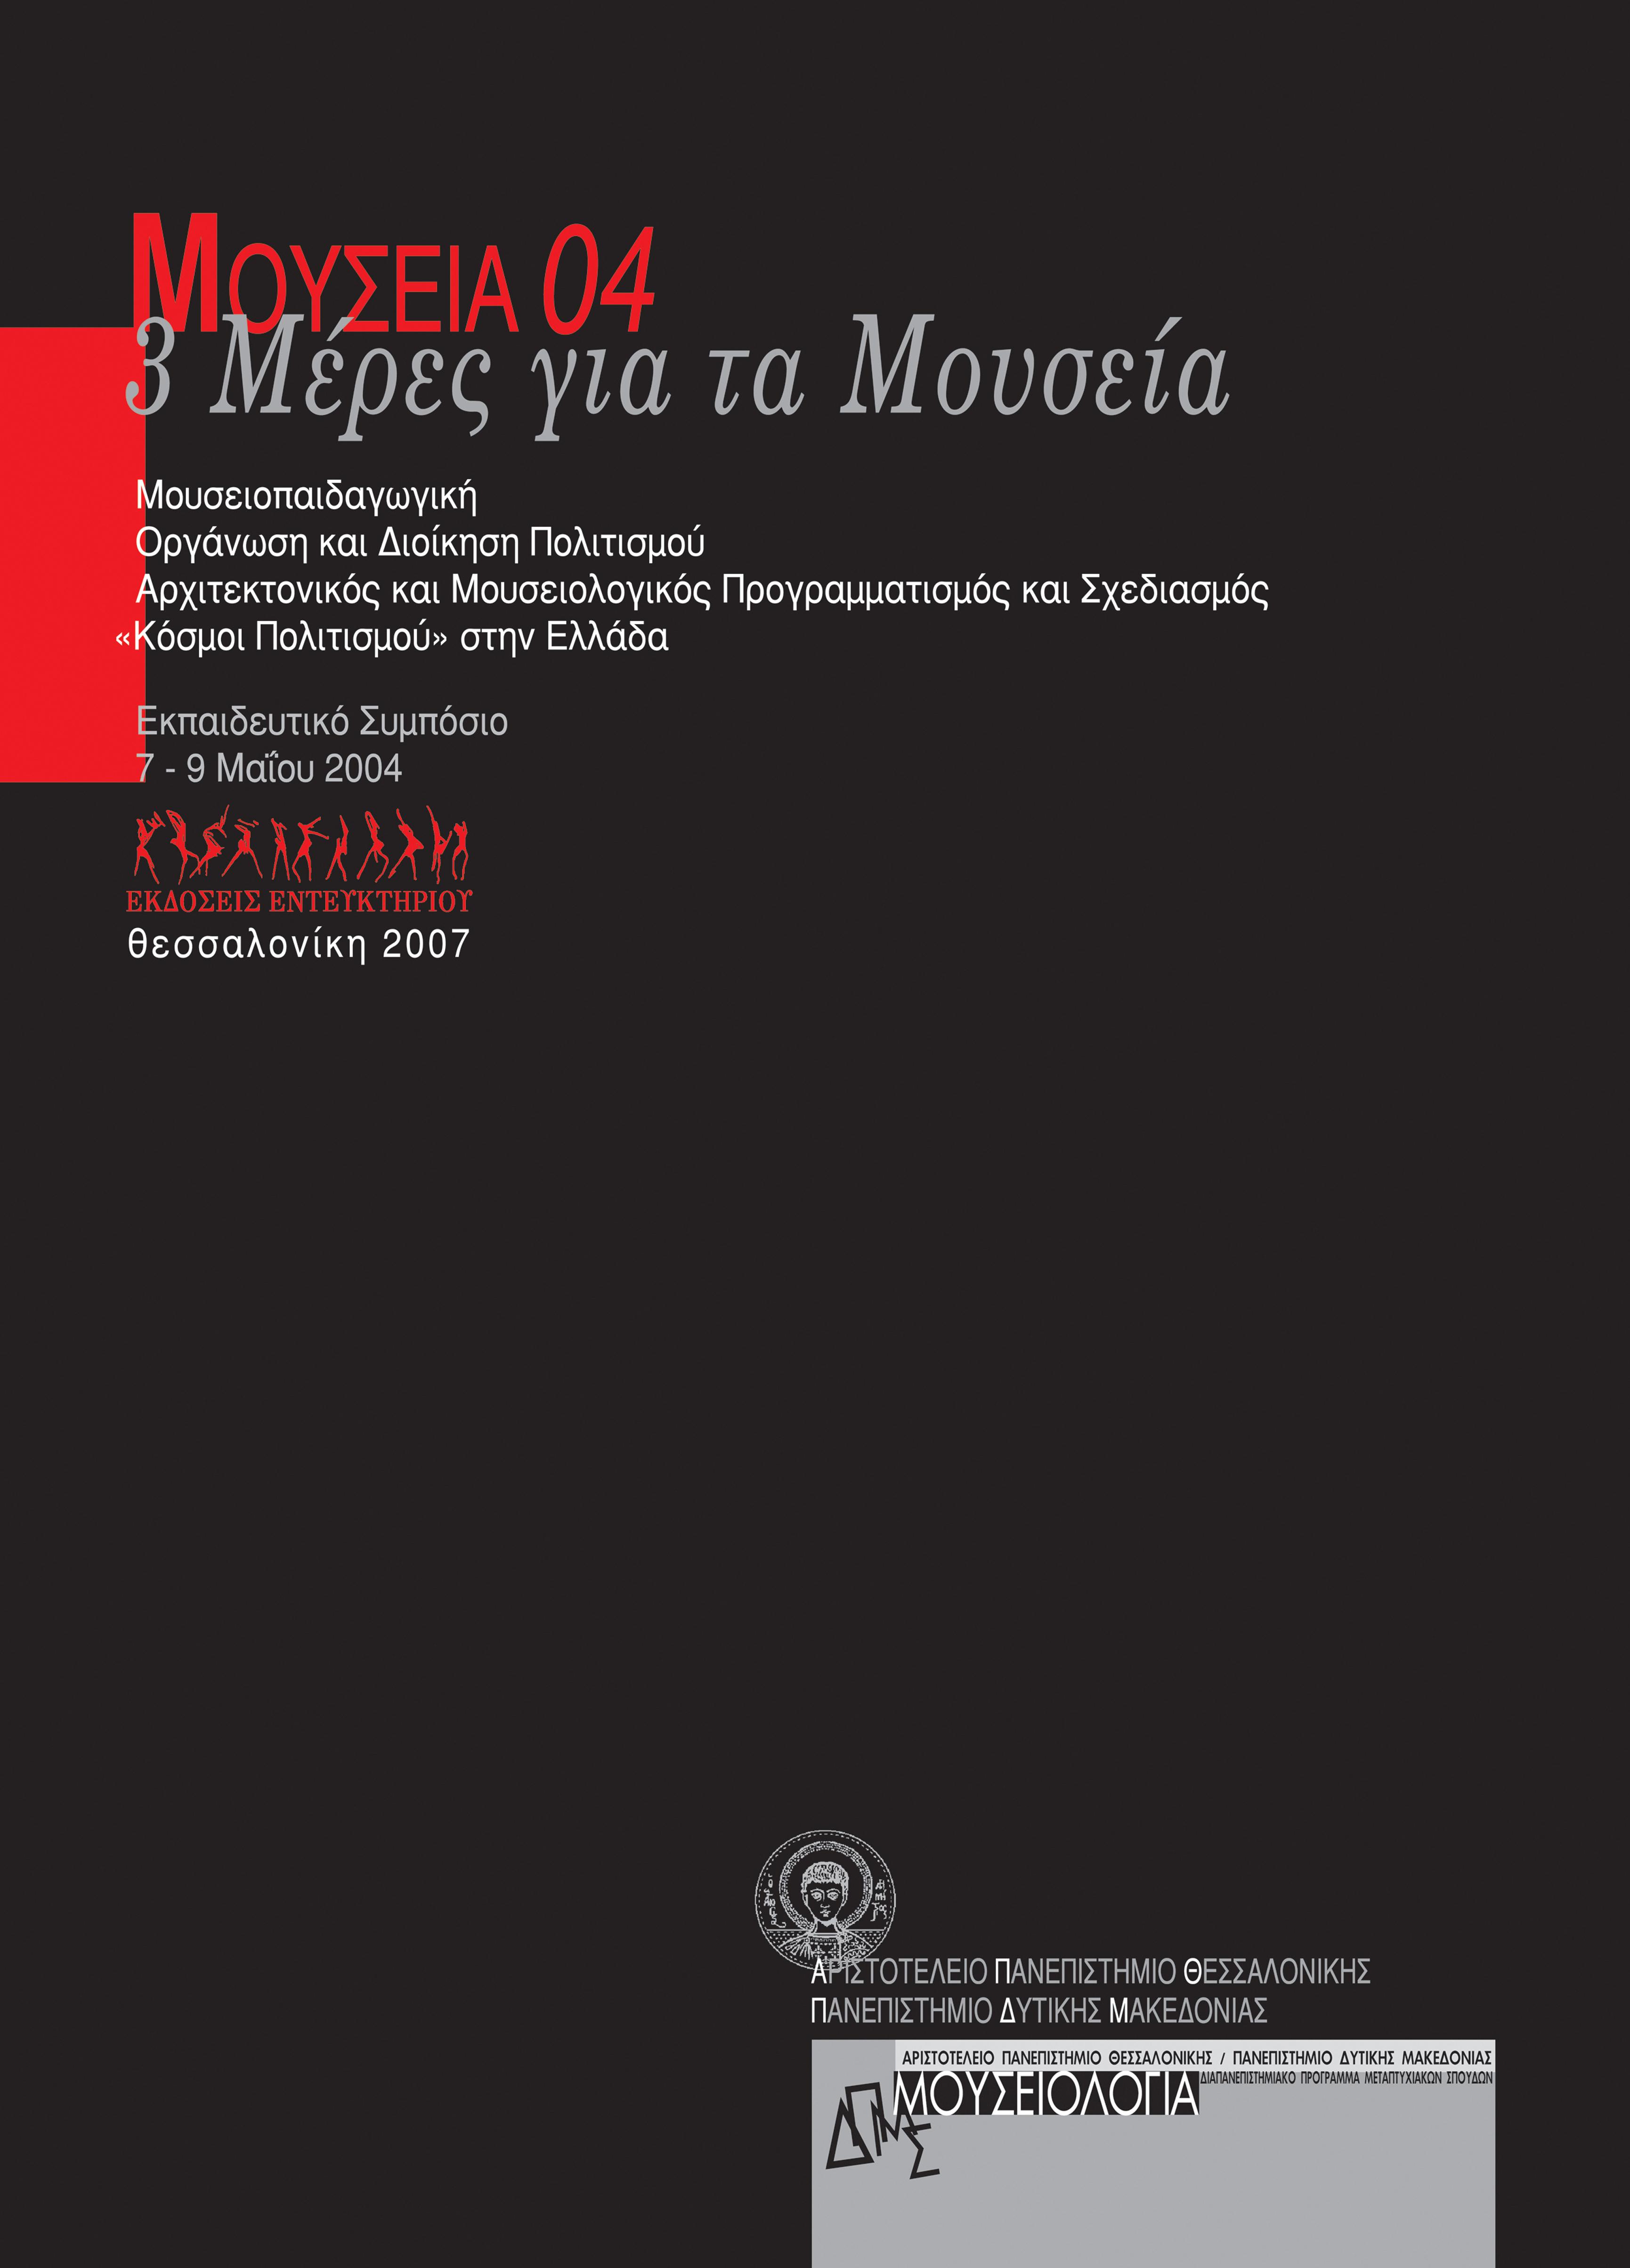 2004_MOUSEIA